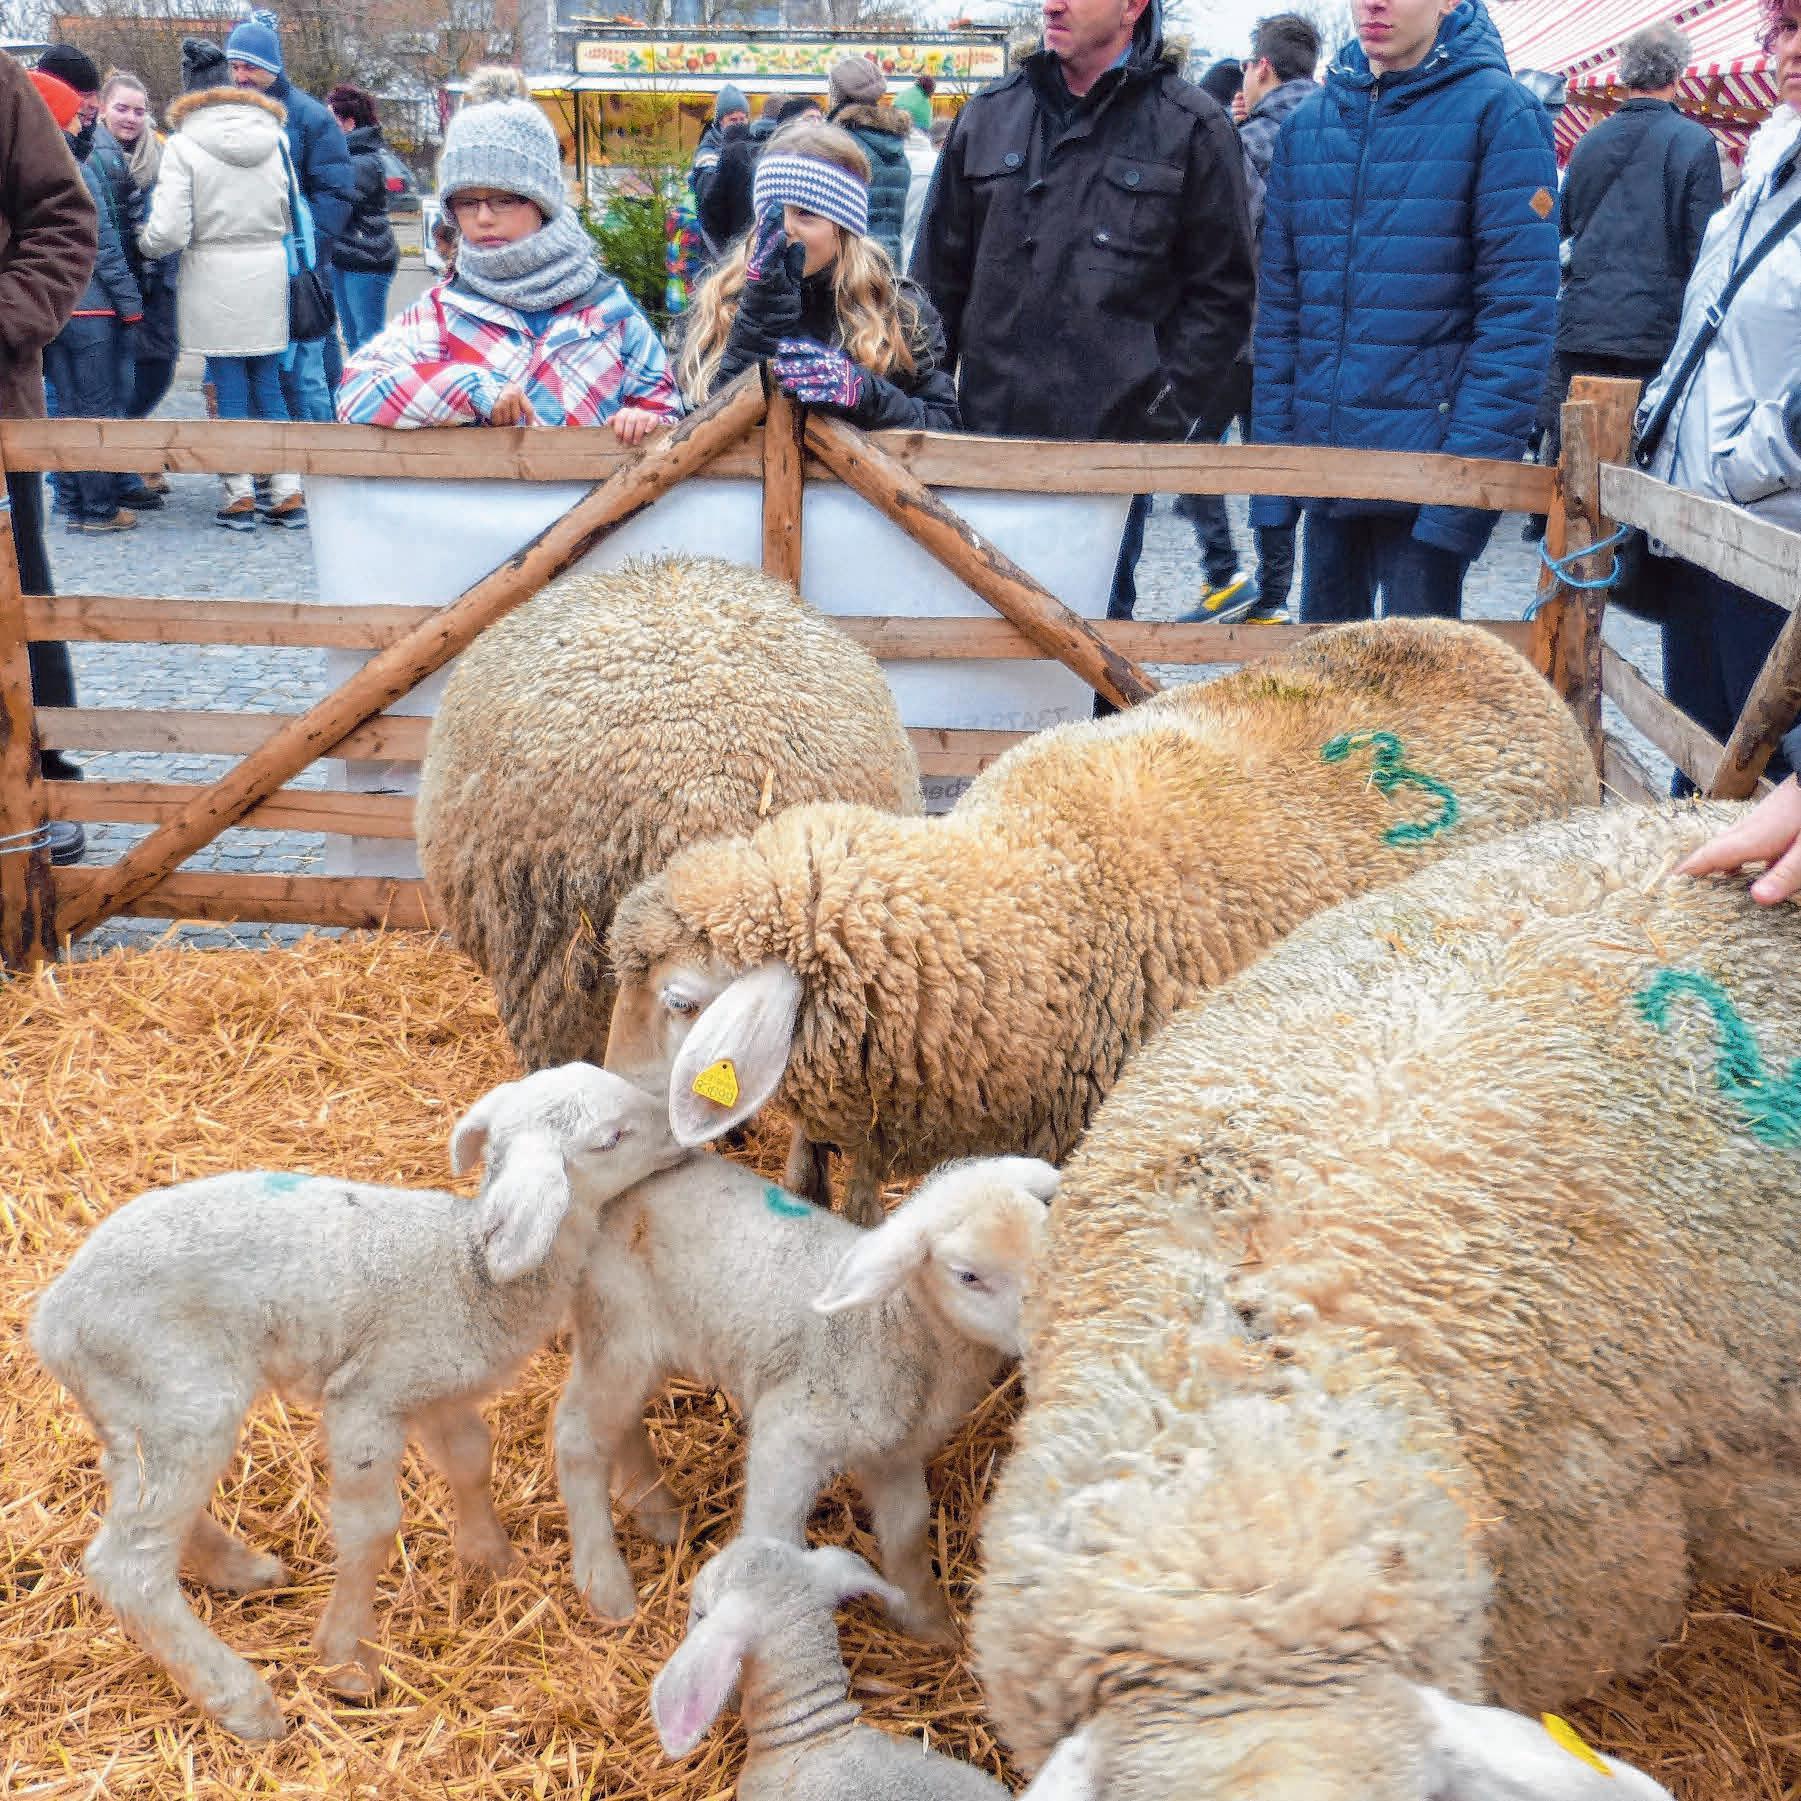 Ziemlich niedlich: Die Schafe der Schäferei Stock erfreuen die Besucher.